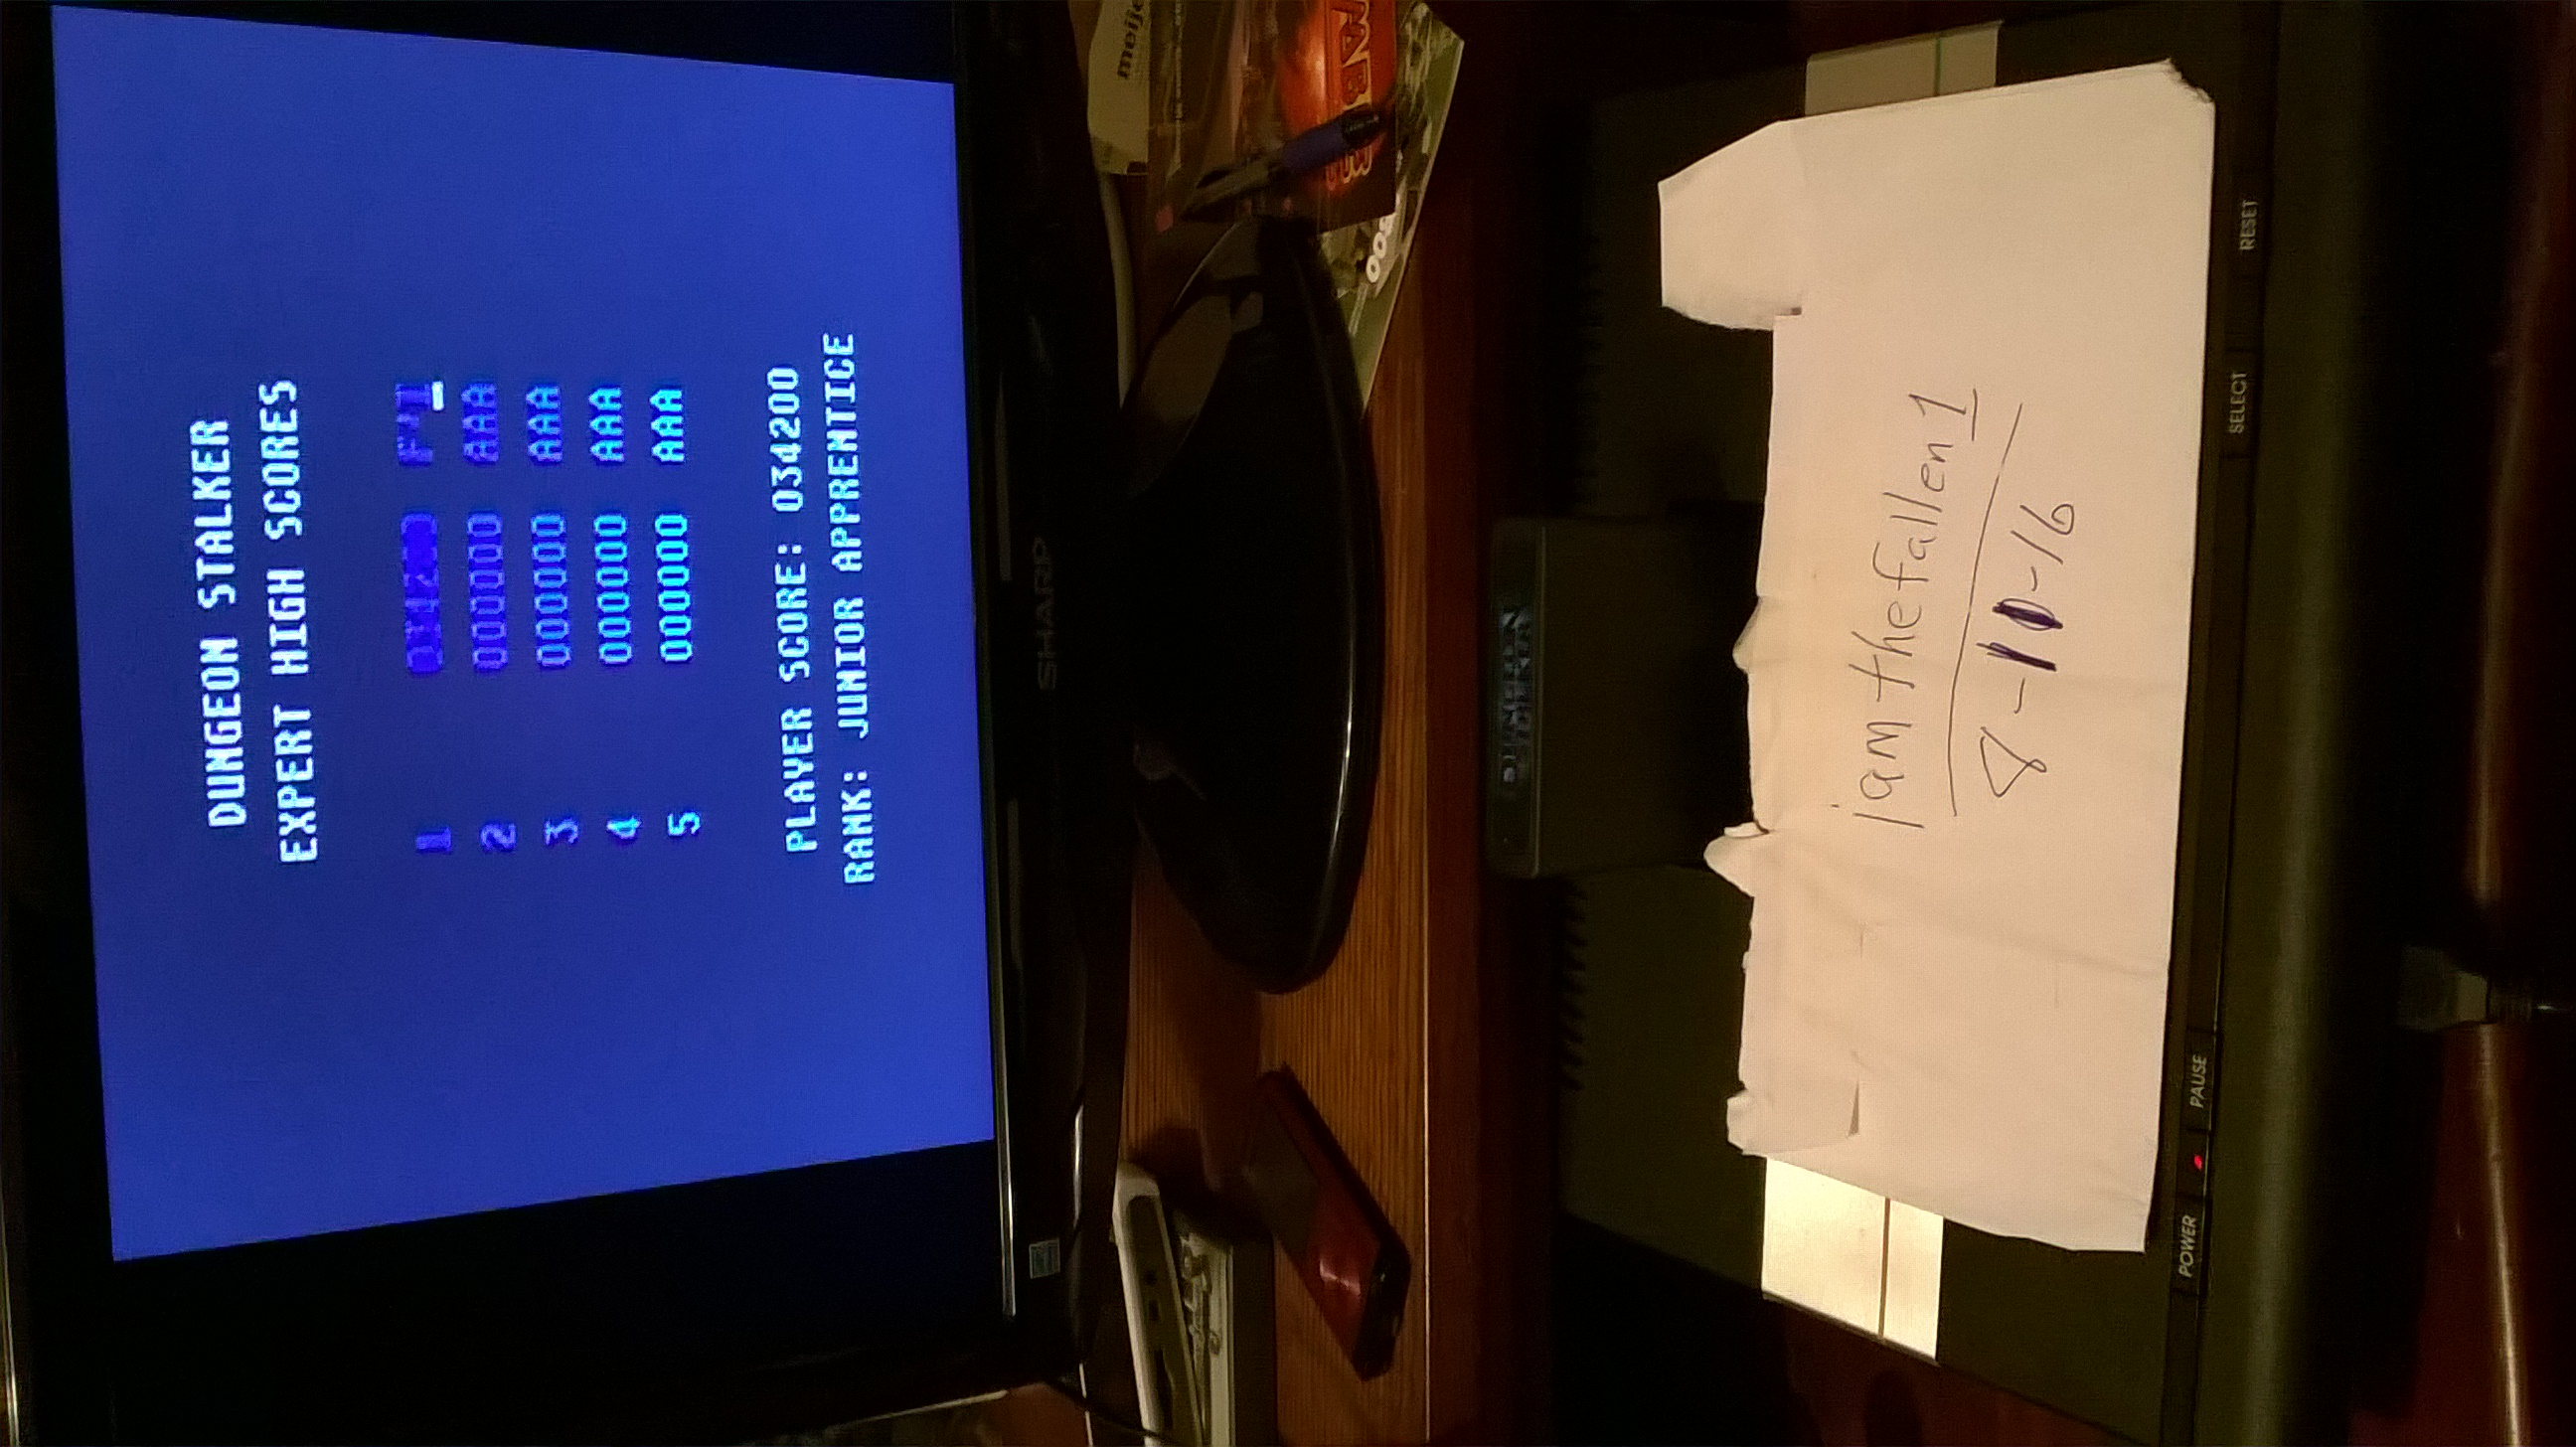 iamthefallen1: Dungeon Stalker [Expert] (Atari 7800) 34,200 points on 2016-08-11 22:21:32